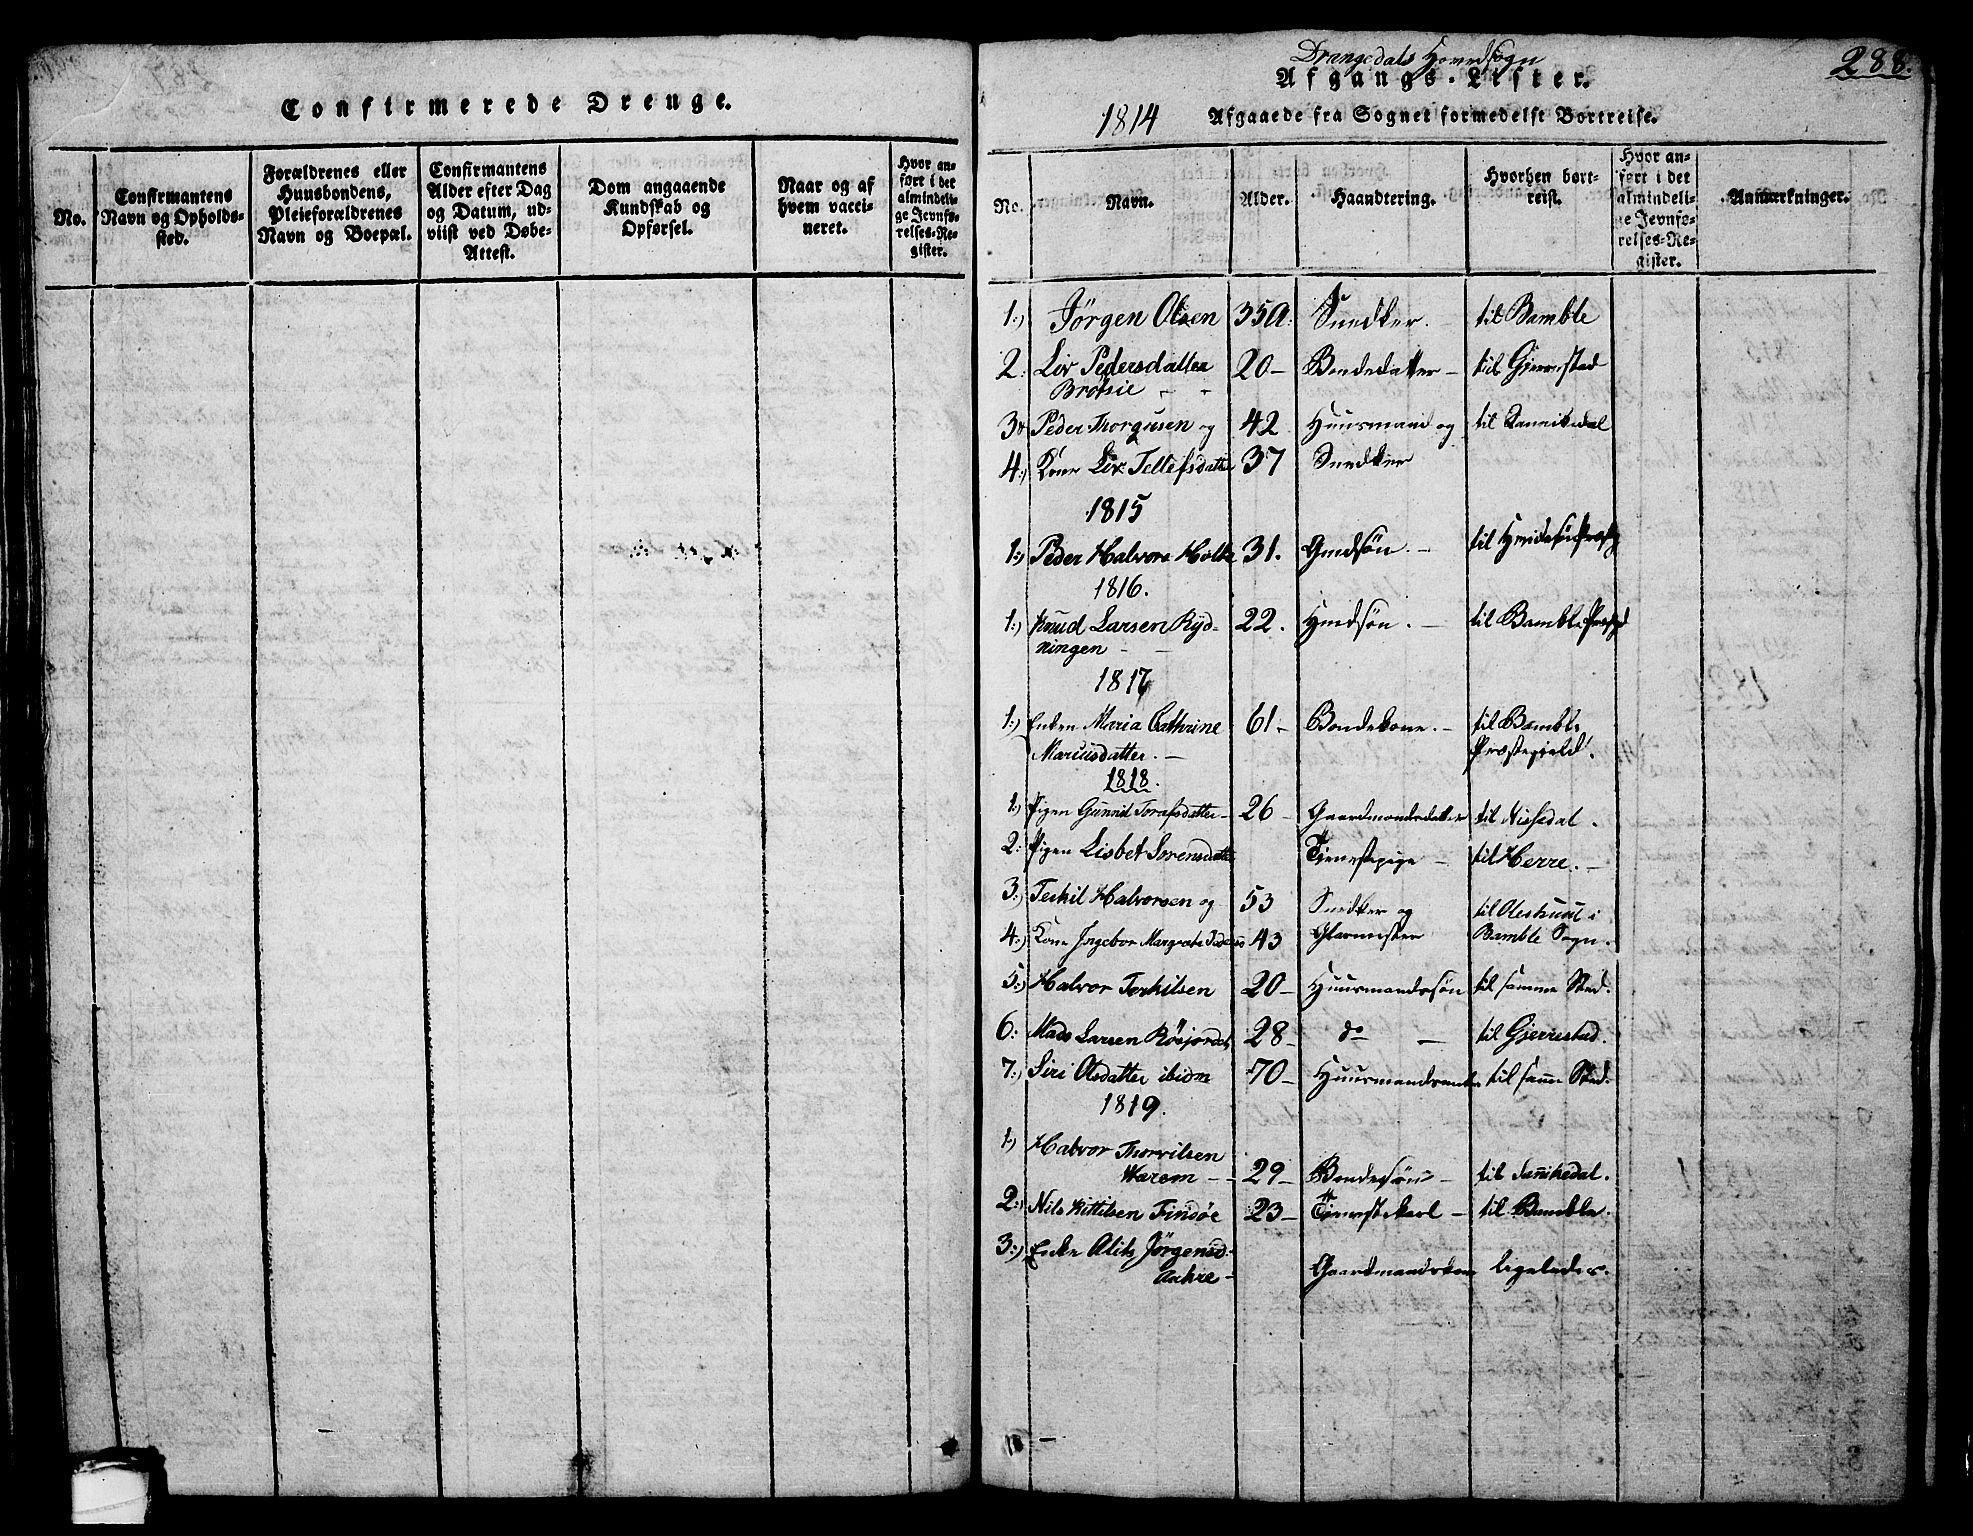 SAKO, Drangedal kirkebøker, G/Ga/L0001: Klokkerbok nr. I 1 /1, 1814-1856, s. 288